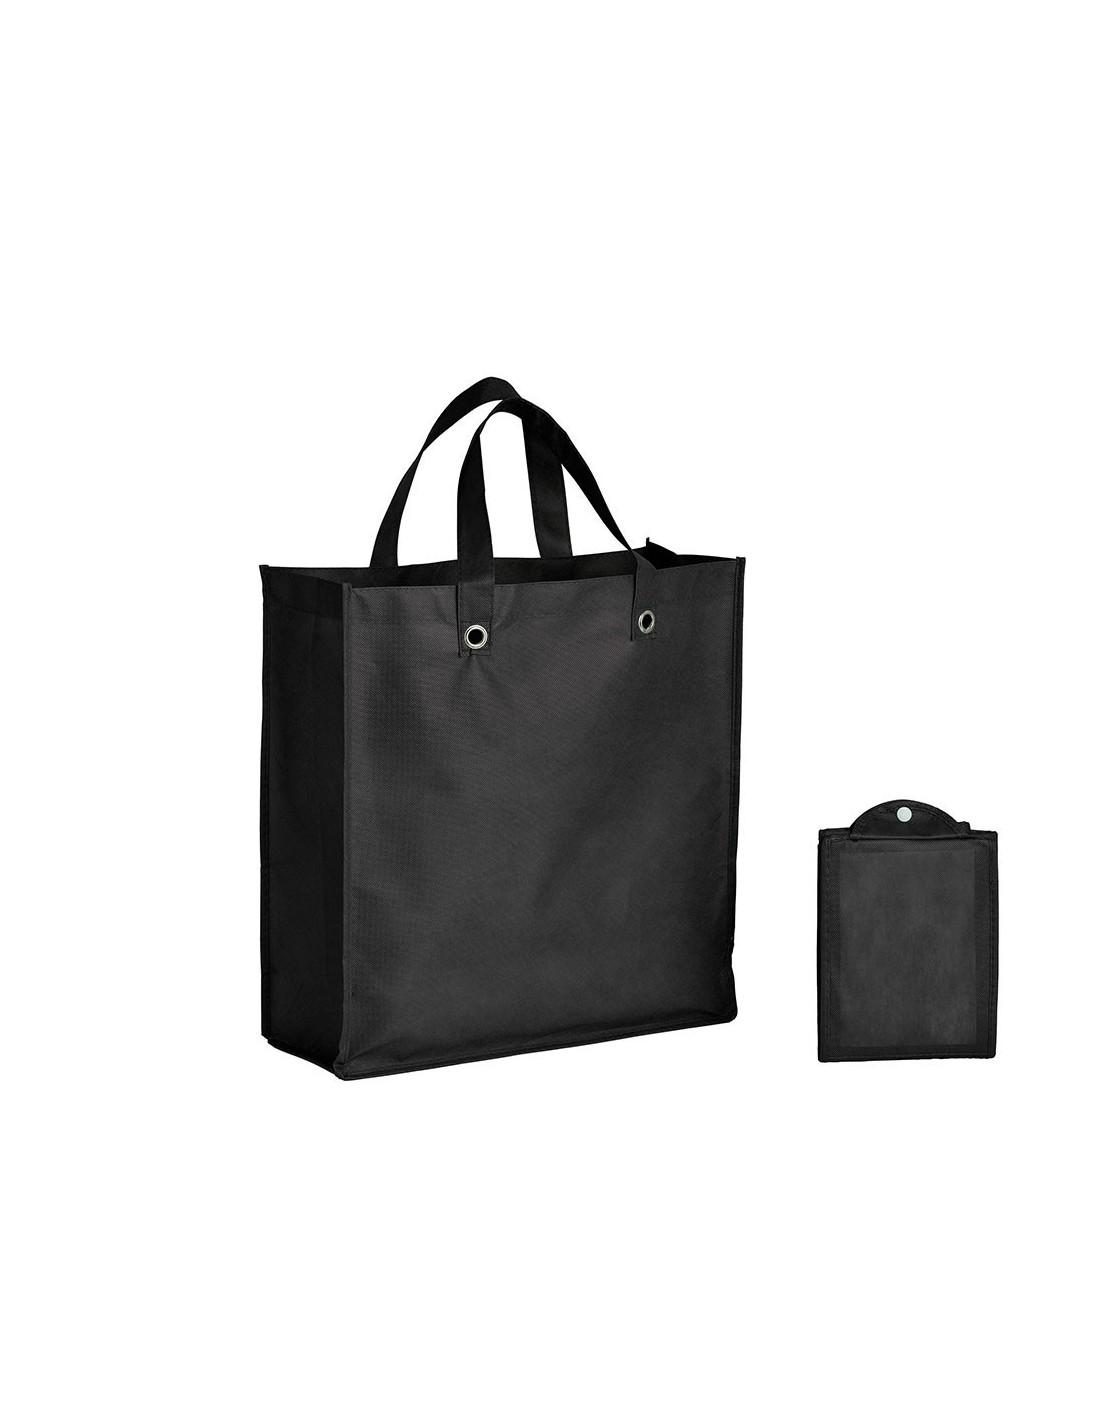 5d303a1129cbb Składana torba na zakupy z własnym nadrukiem